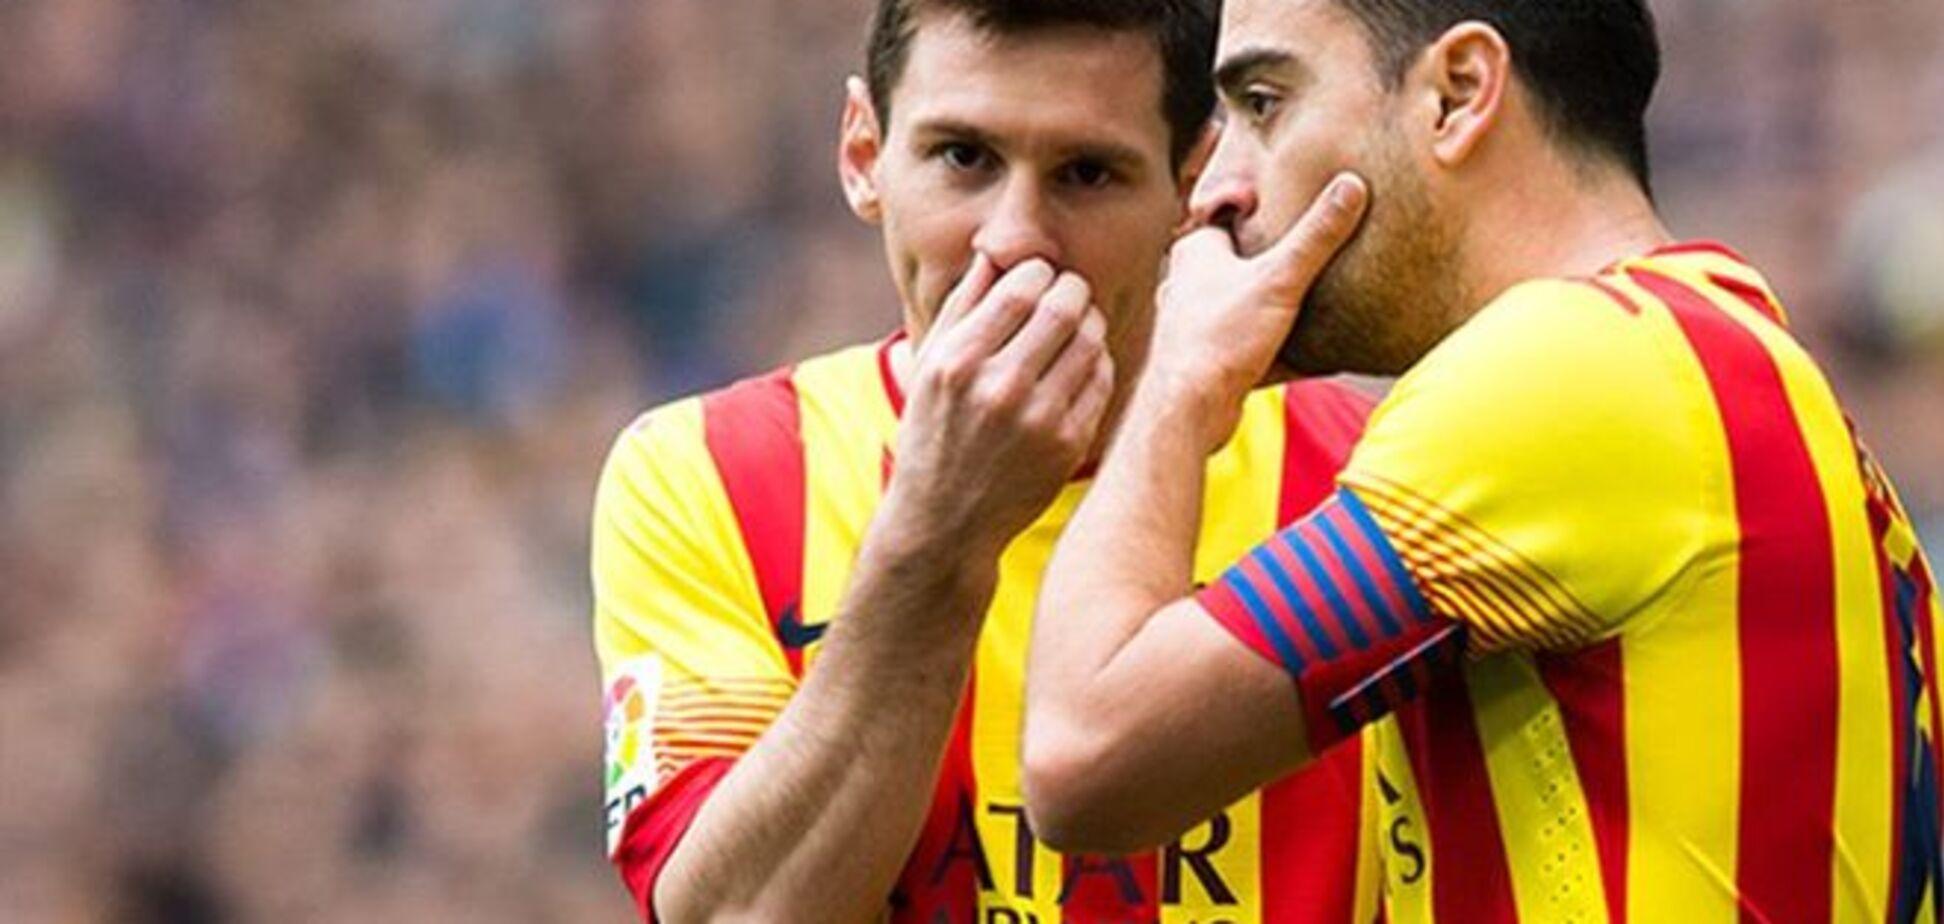 'Барселона' впервые сыграет на 'Камп Ноу' в сепаратистской форме